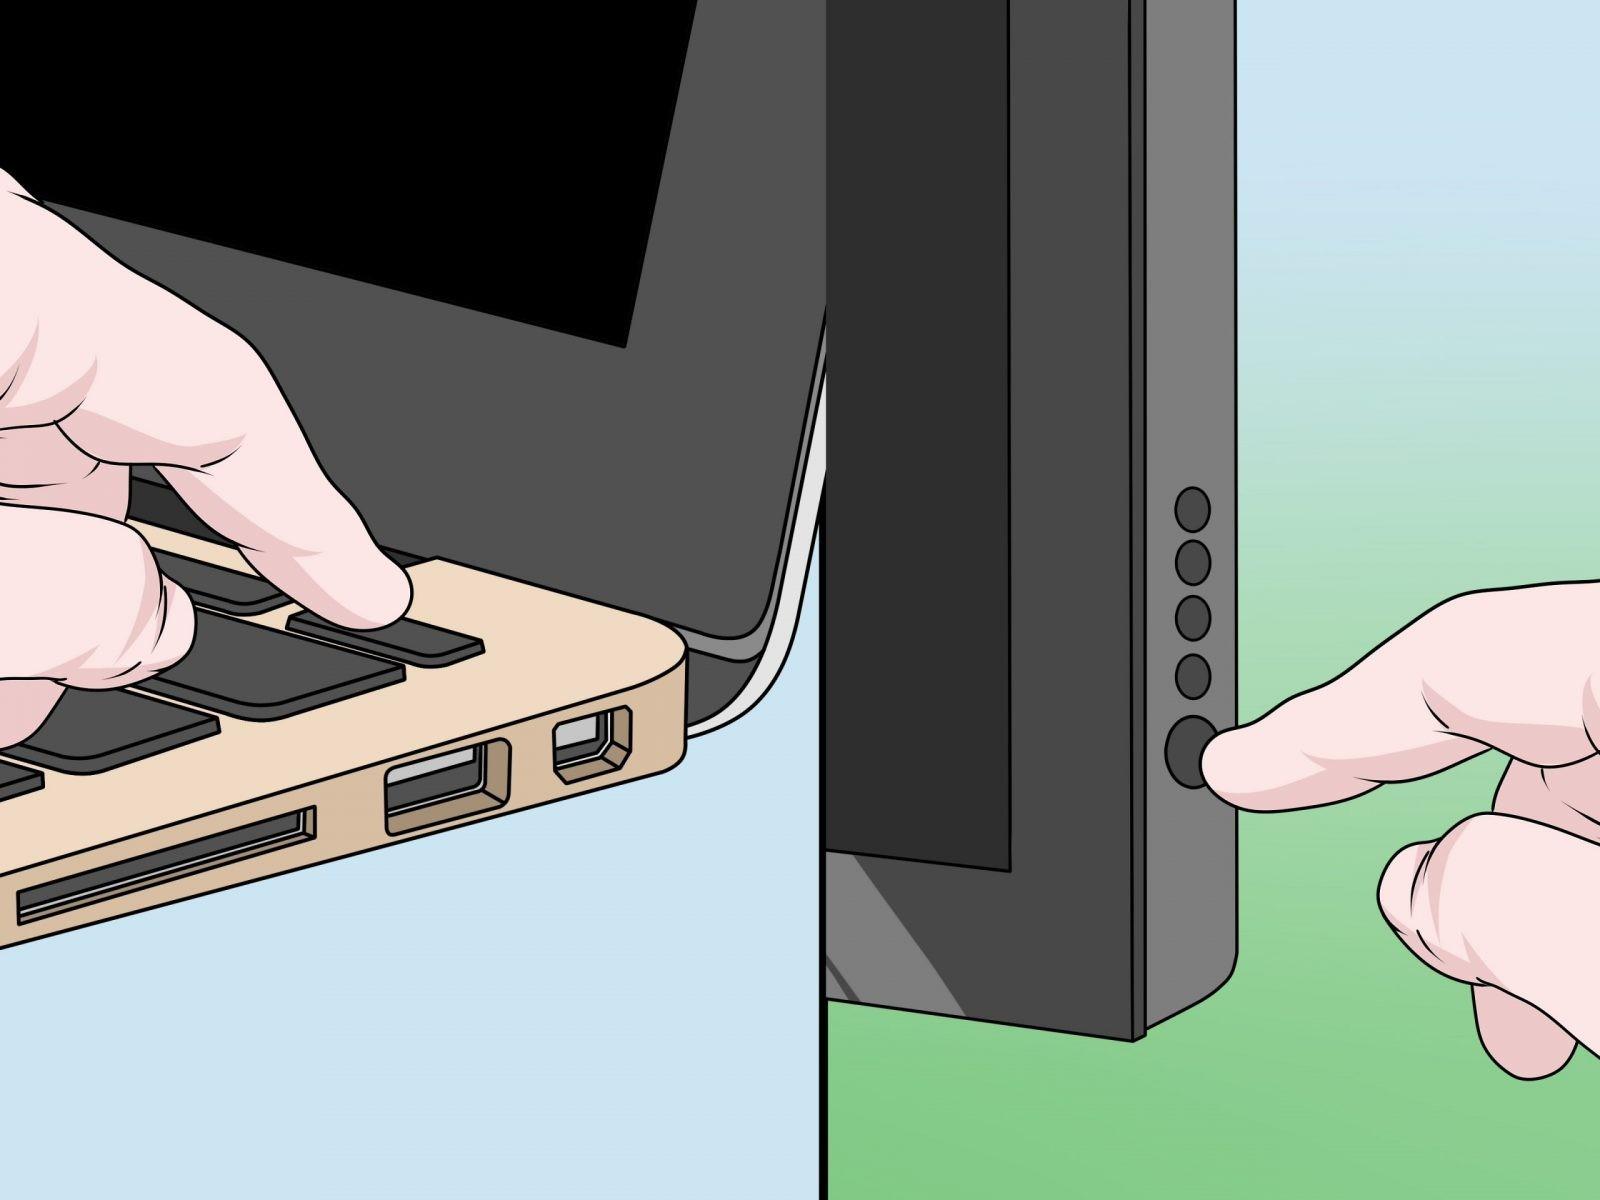 подключить ноутбук к монитору